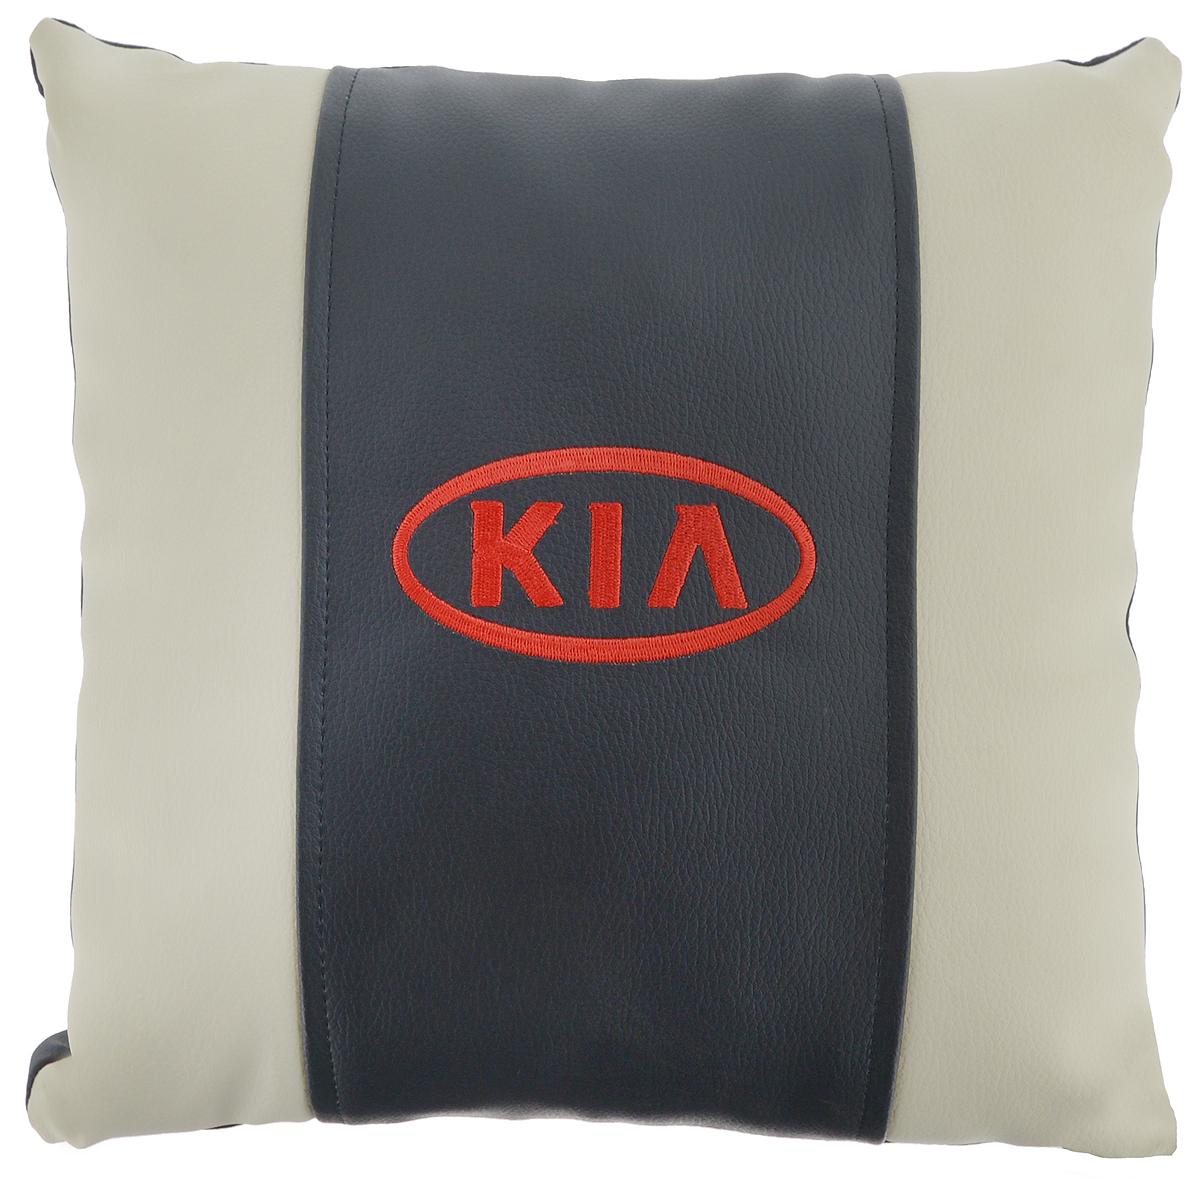 Подушка на сиденье Autoparts Kia, цвет: молочный, темно-серый, 30 х 30 см531-401Подушка на сиденье Autoparts Kia создана для тех, кто весьсвой день вынужден проводить за рулем. Чехол выполнен из высококачественной дышащей экокожи. Задняя часть темно-серого цвета. Наполнителем служит холлофайбер. На задней части подушки имеется змейка. Особенности подушки: - Хорошо проветривается. - Предупреждает потение. - Поддерживает комфортную температуру. - Обминается по форме тела. - Улучшает кровообращение. - Исключает затечные явления. - Предупреждает развитие заболеваний, связанных с сидячим образом жизни. Подушка также будет полезна и дома - при работе за компьютером, школьникам - при выполнении домашних работ, да и в любимом кресле перед телевизором.